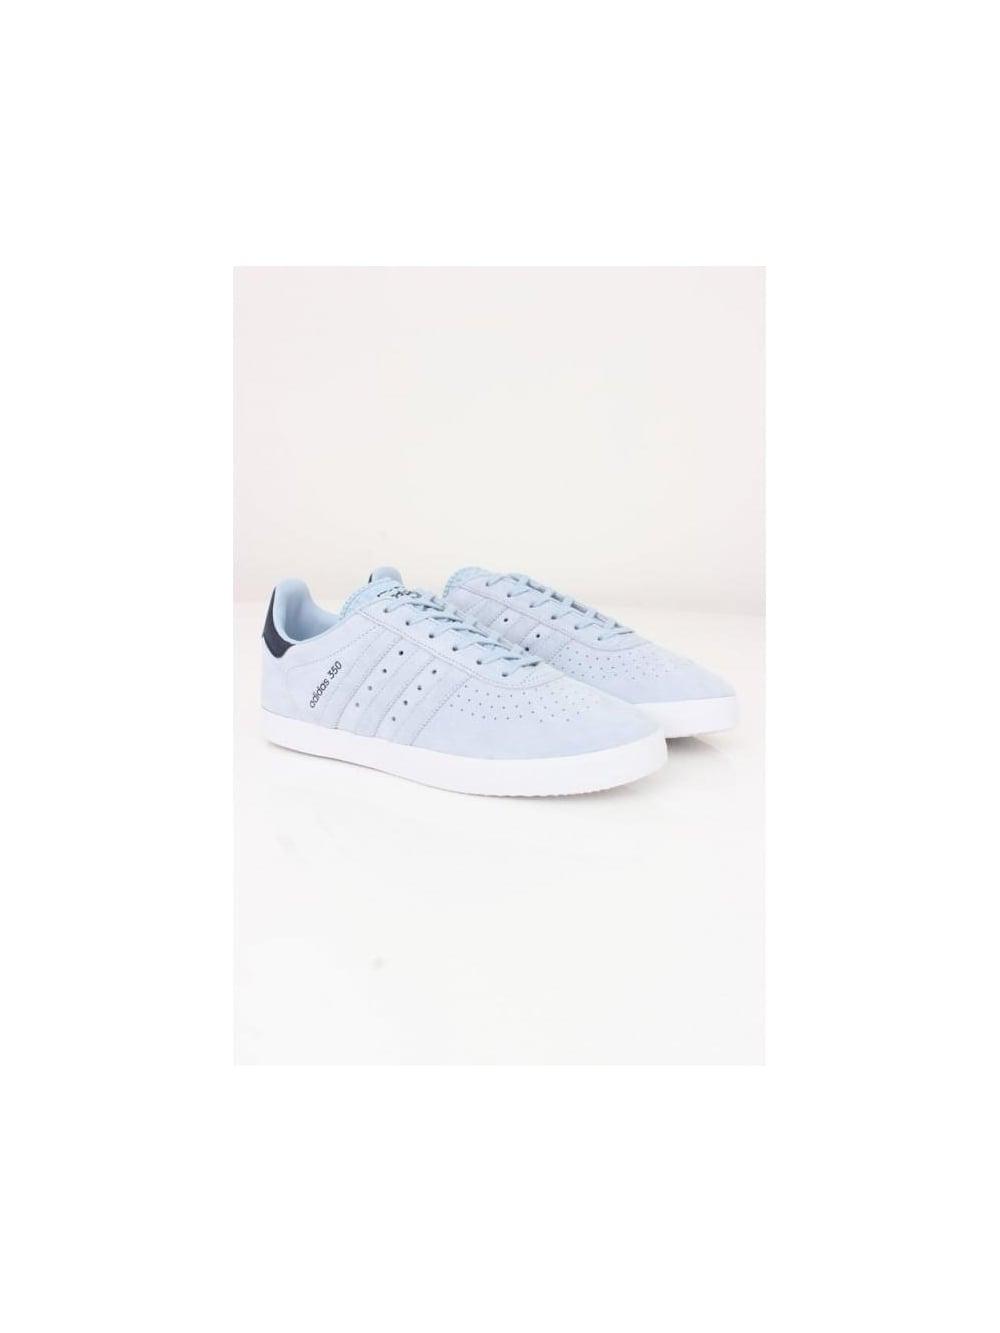 089388ffd adidas Originals 350 Trainers In Blue - Northern Threads